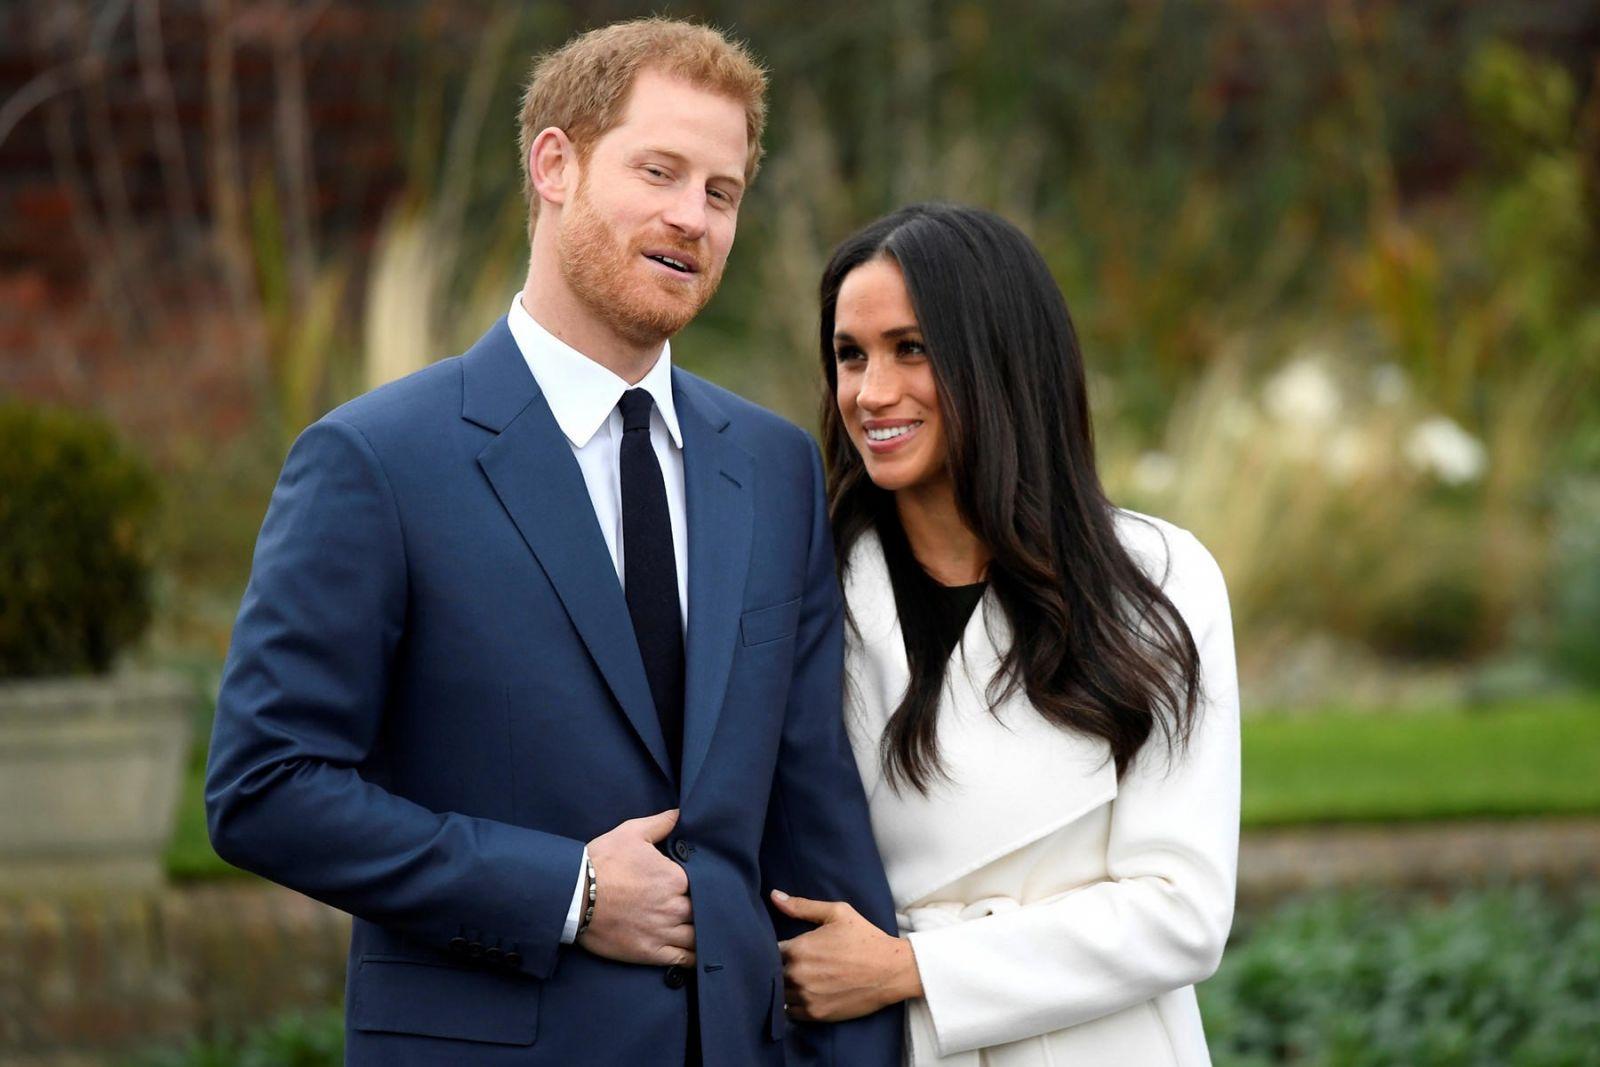 Меган Маркл и принц Гарри дали редкое совместное интервью